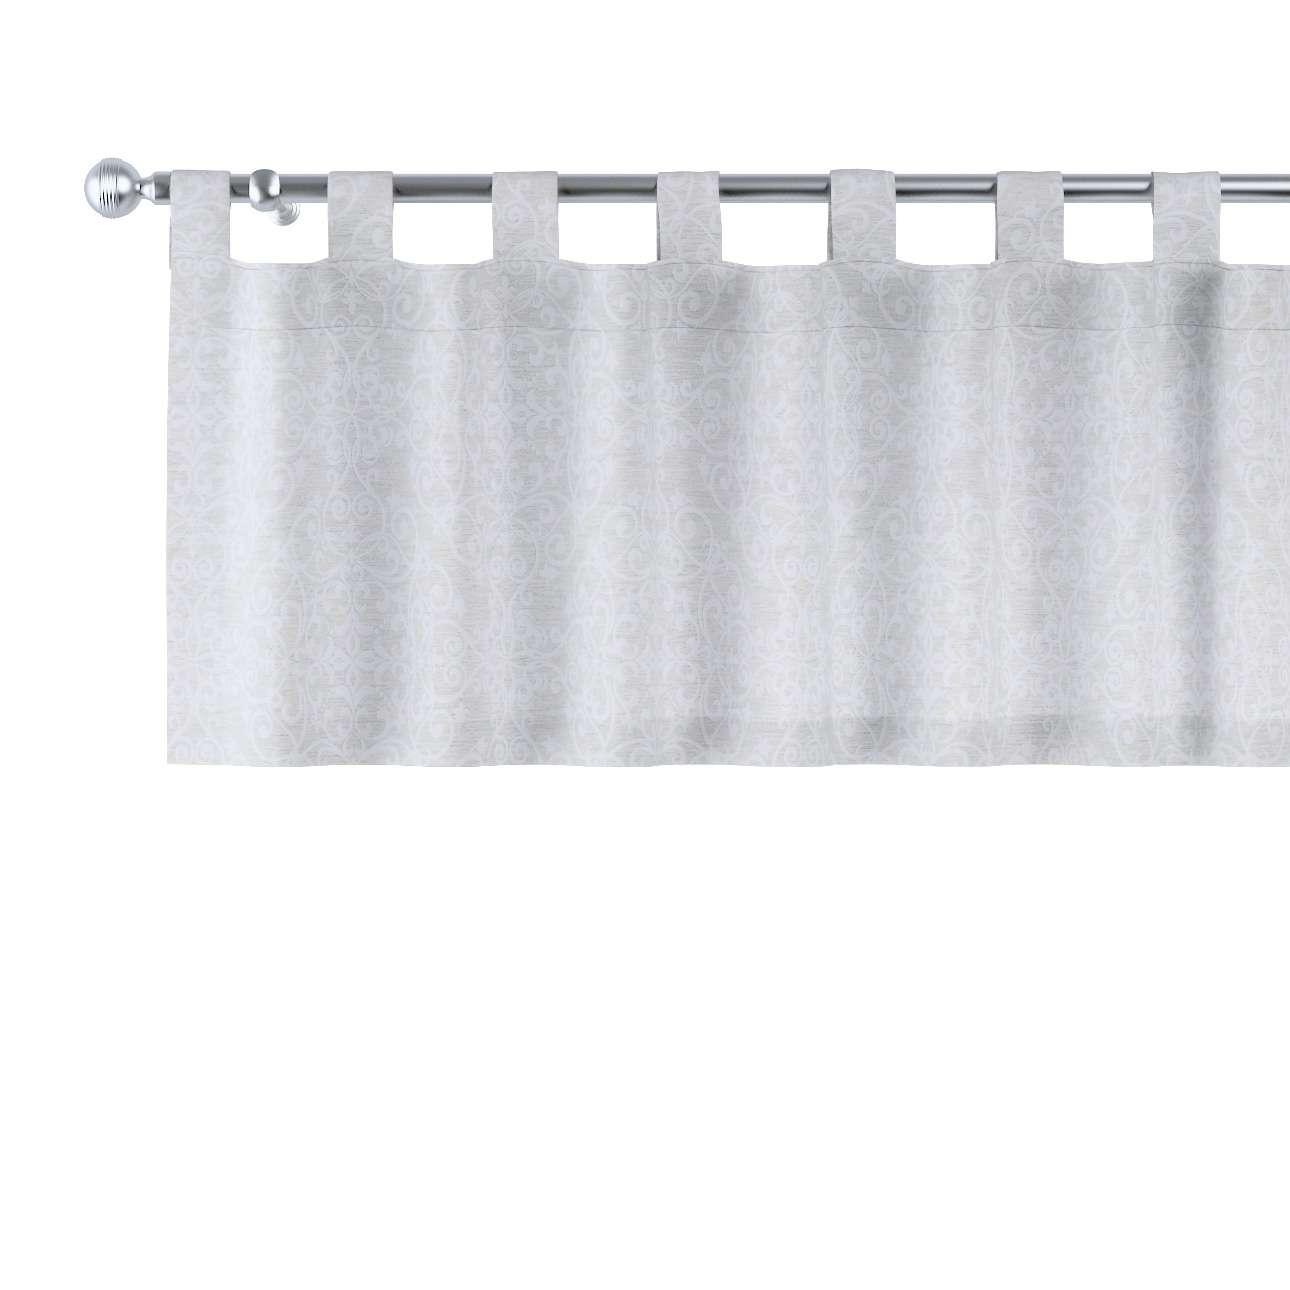 Gardinkappa med hällor 130x40cm i kollektionen Venice - NYHET, Tyg: 140-49